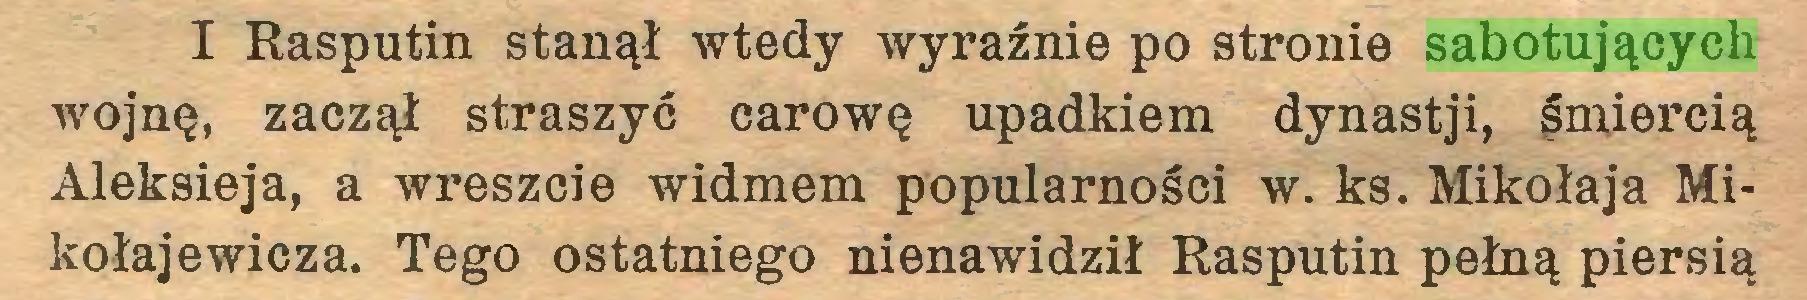 (...) I Rasputin stanął wtedy wyraźnie po stronie sabotujących wojnę, zaczął straszyć carowę upadkiem dynastji, śmiercią Aleksieja, a wreszcie widmem popularności w. ks. Mikołaja Mikołajewicza. Tego ostatniego nienawidził Rasputin pełną piersią...